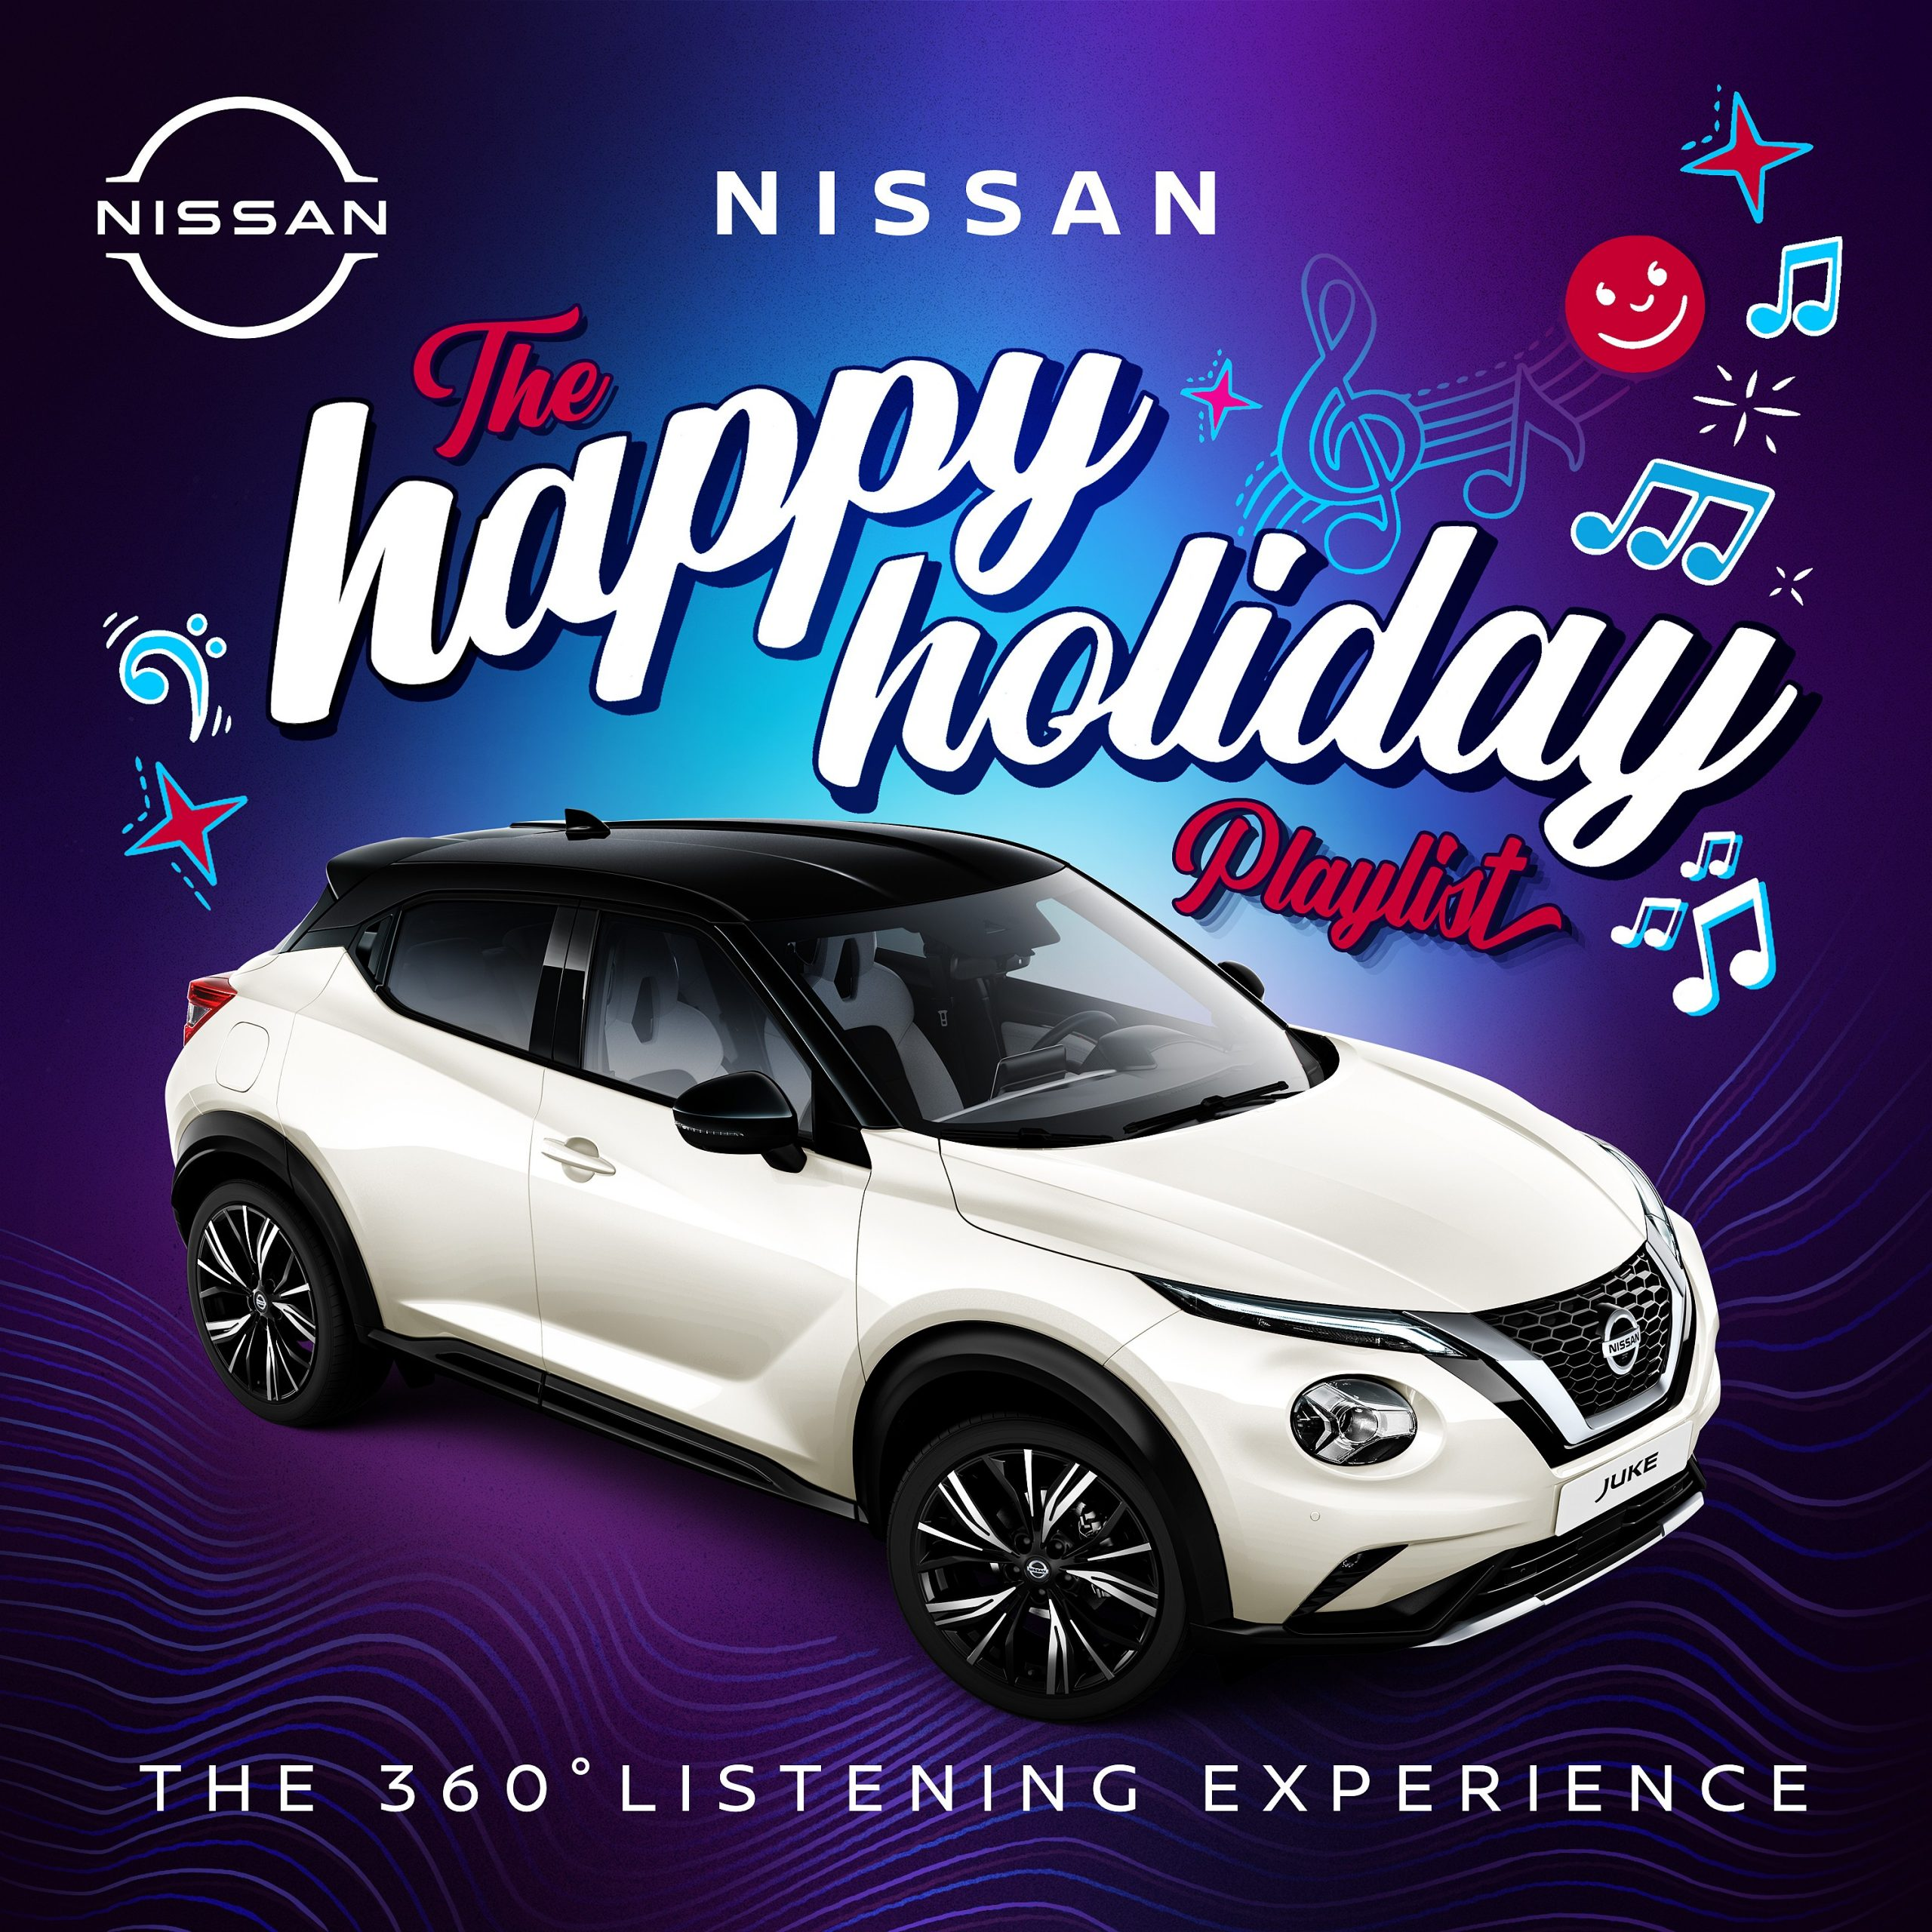 Nissan Juke Happy Holiday